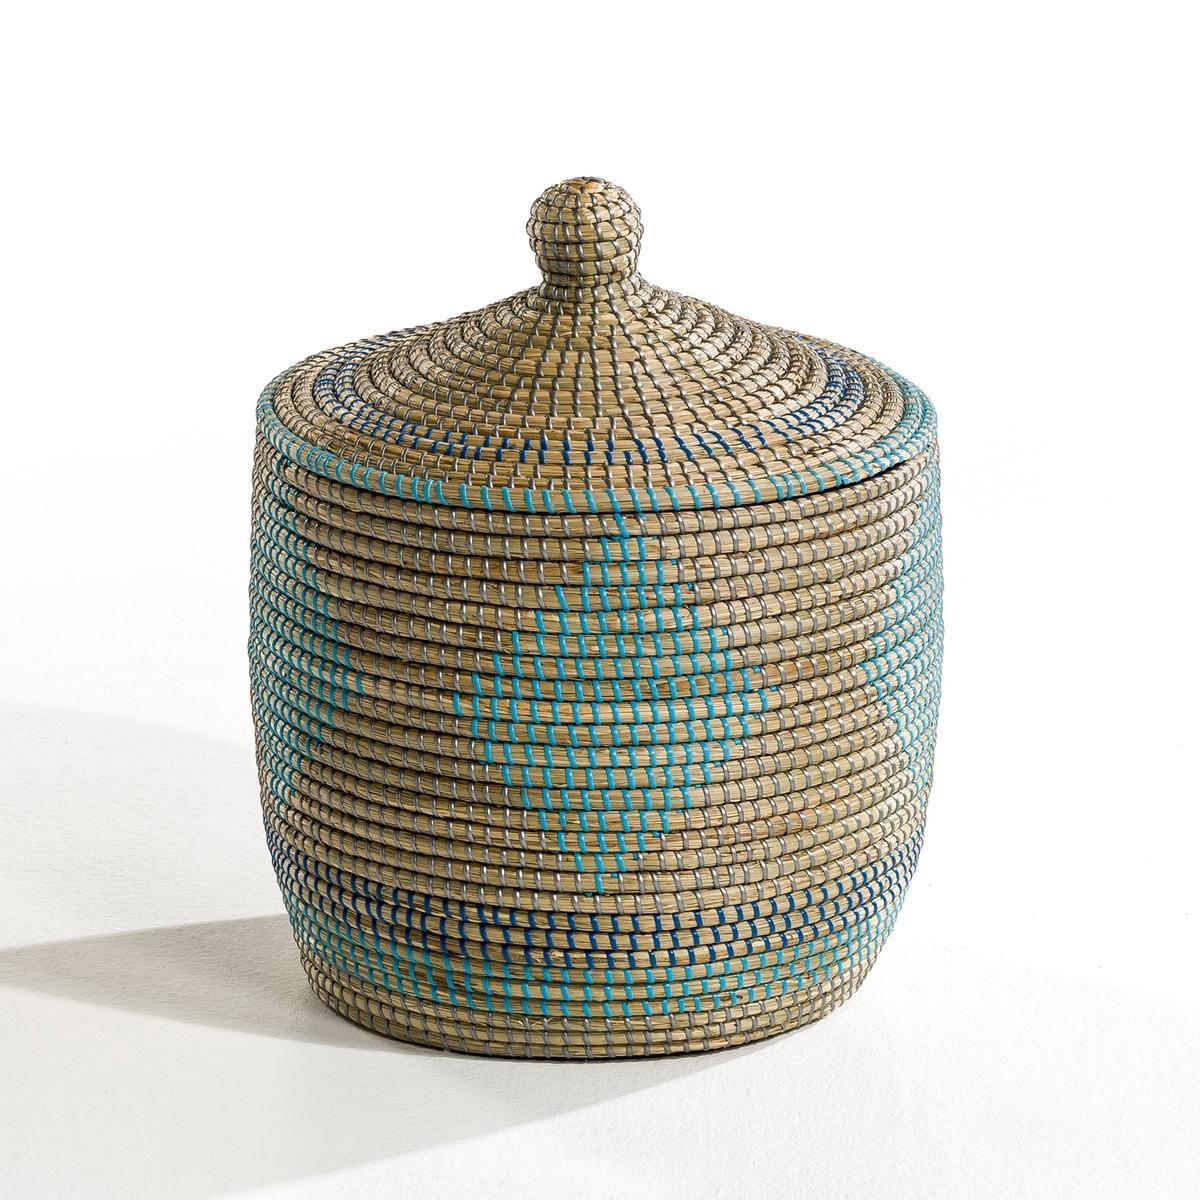 Плетеная корзина Justus маленького размера